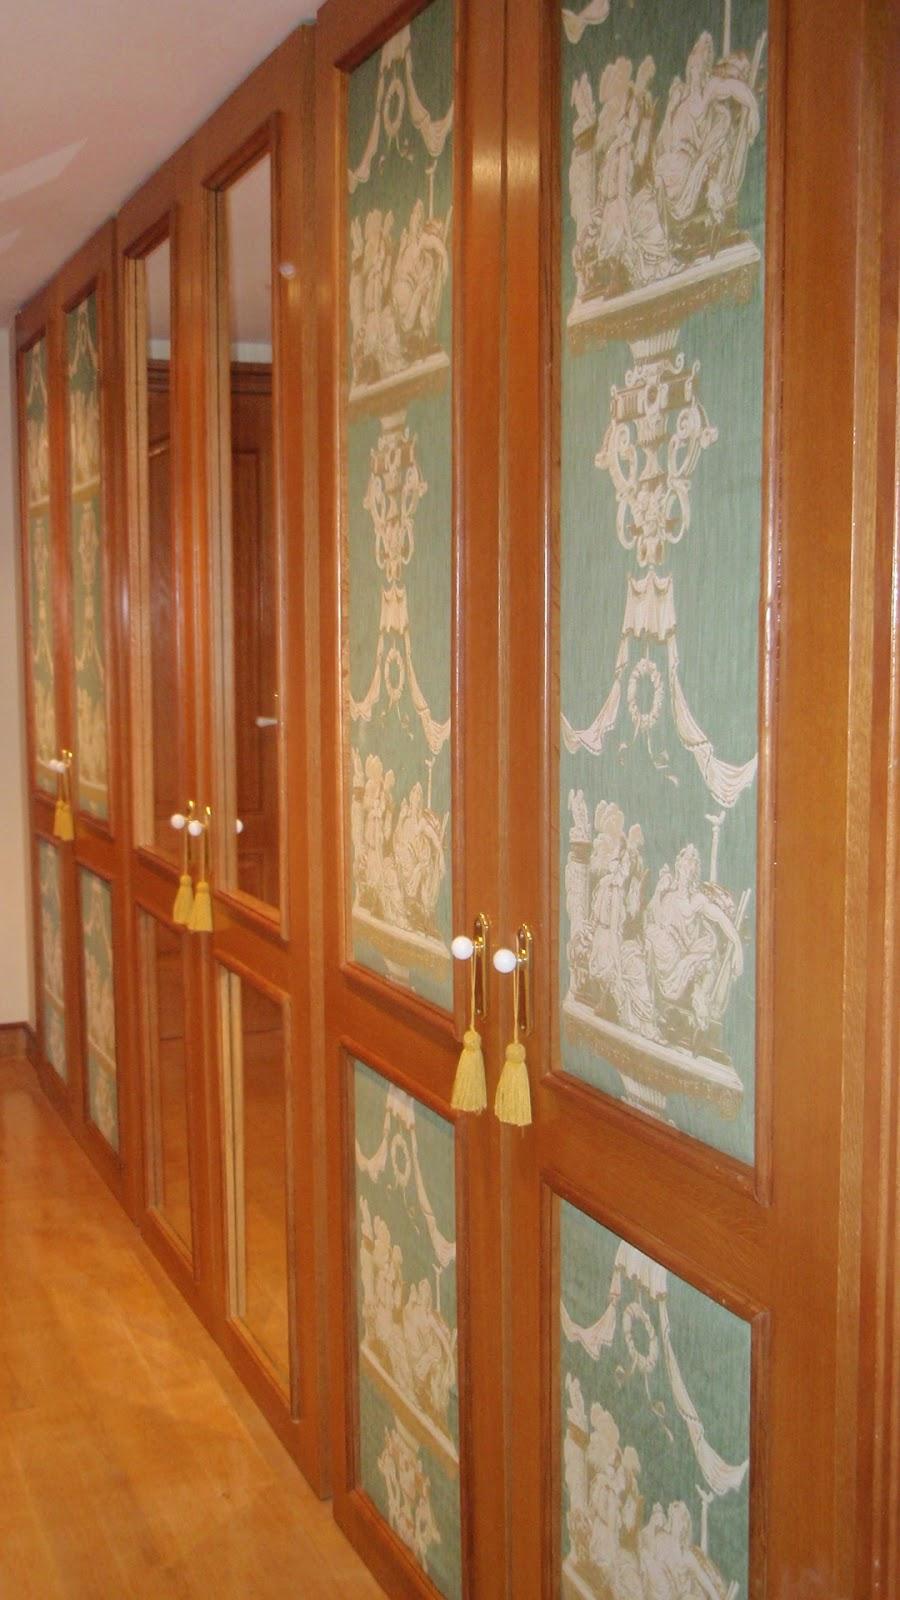 armarios empotrados en pasillo con espejos y tapizado decorativo